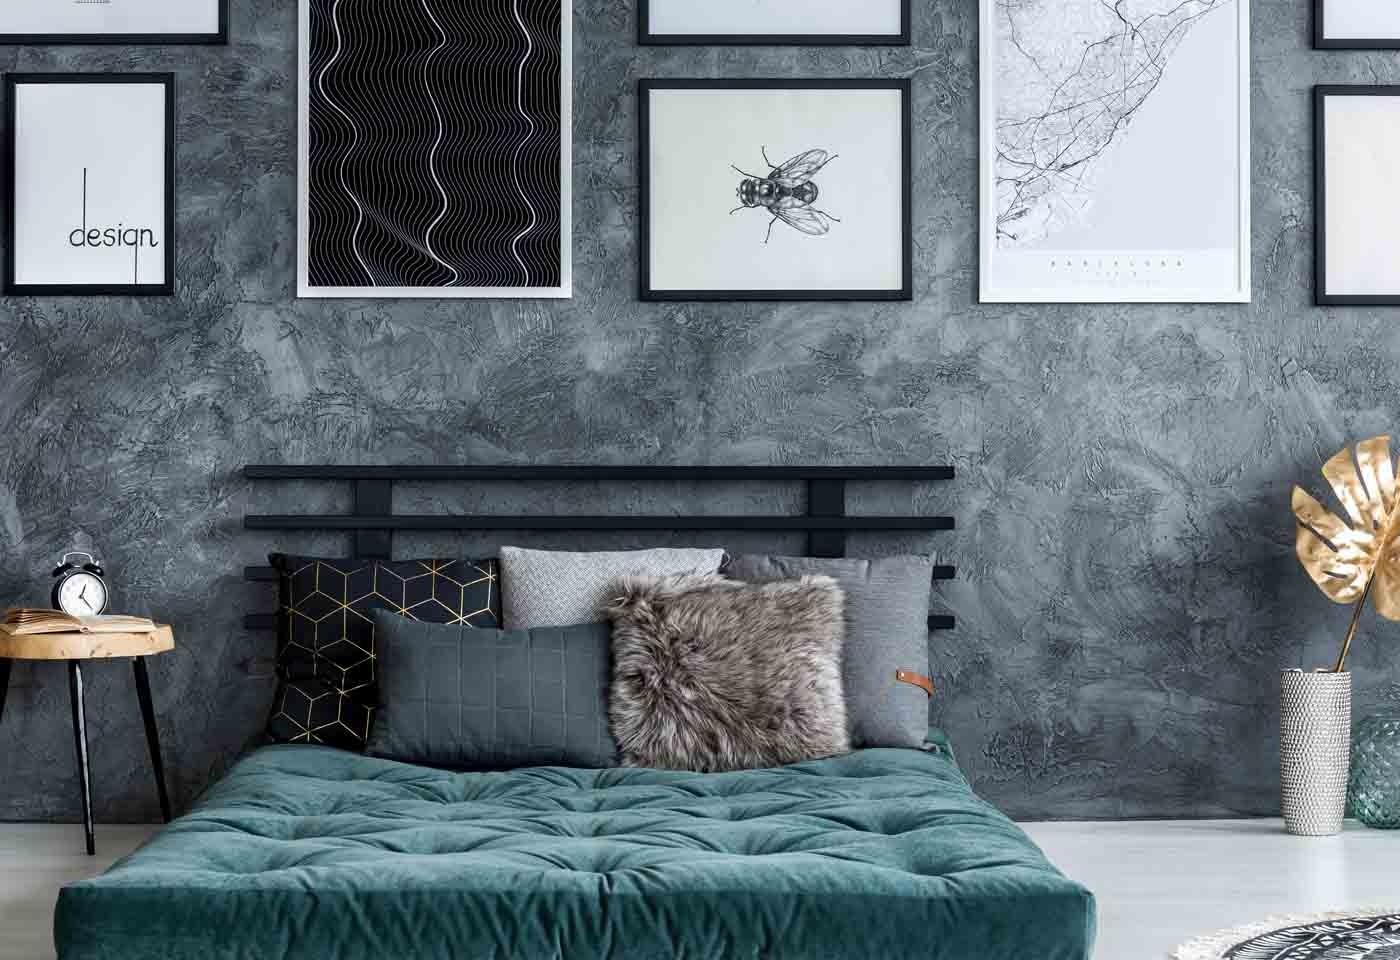 Testate Letto In Legno Negozio : Qual è la vera differenza fra letto imbottito e letto in legno?